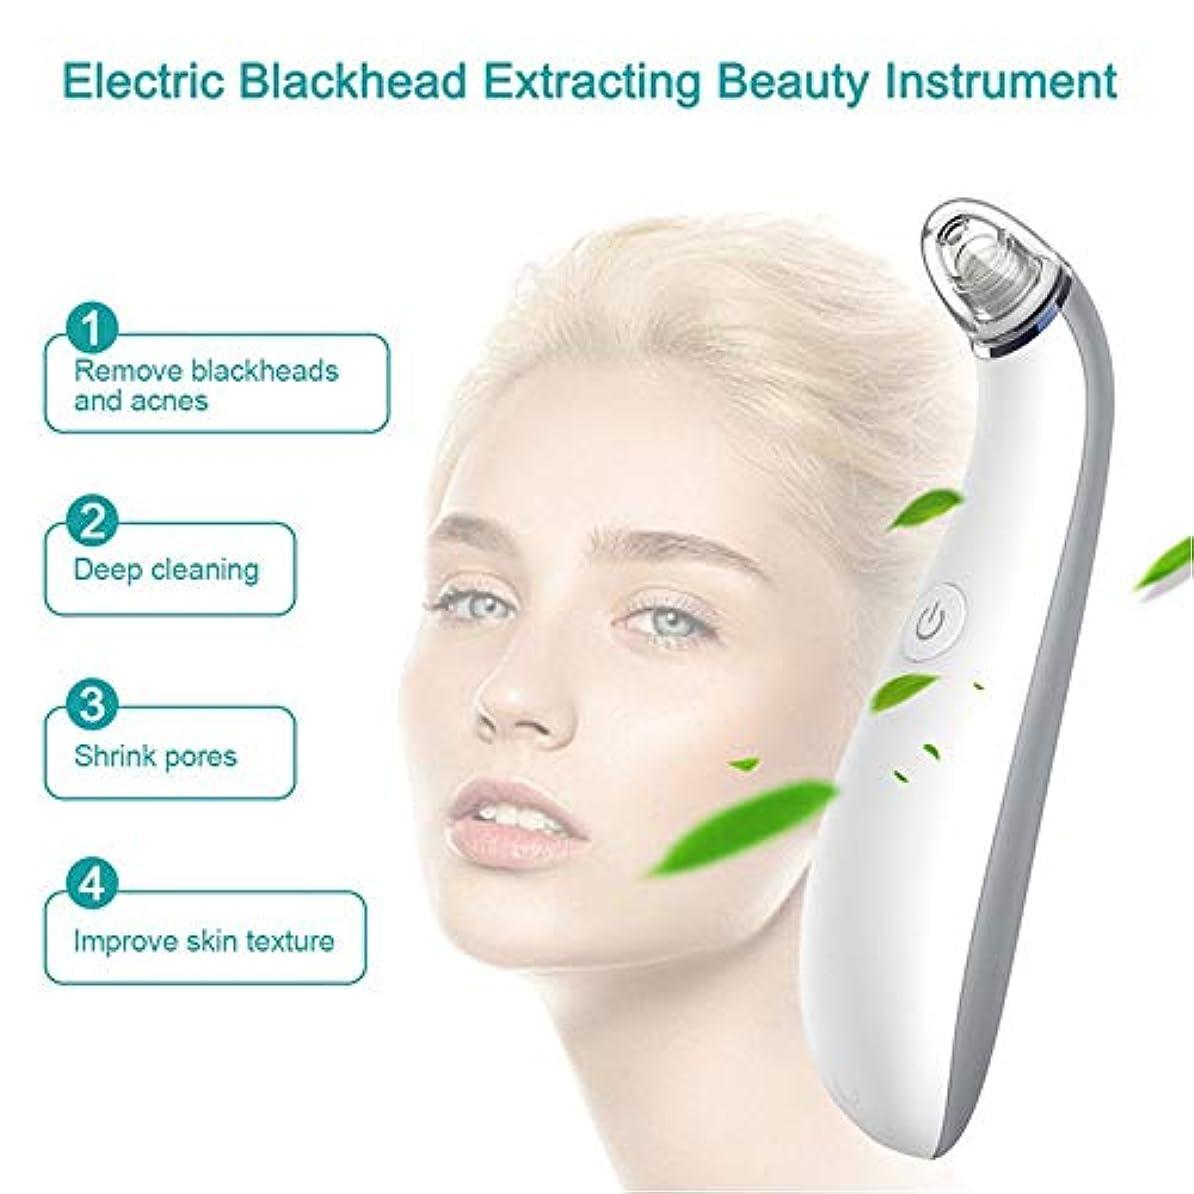 ラテンシロナガスクジラダッシュ気孔の真空の深くきれいな、皮膚健康のための電気顔の安定した吸引のスキンケア用具4取り替え可能な吸引の頭部USB再充電可能